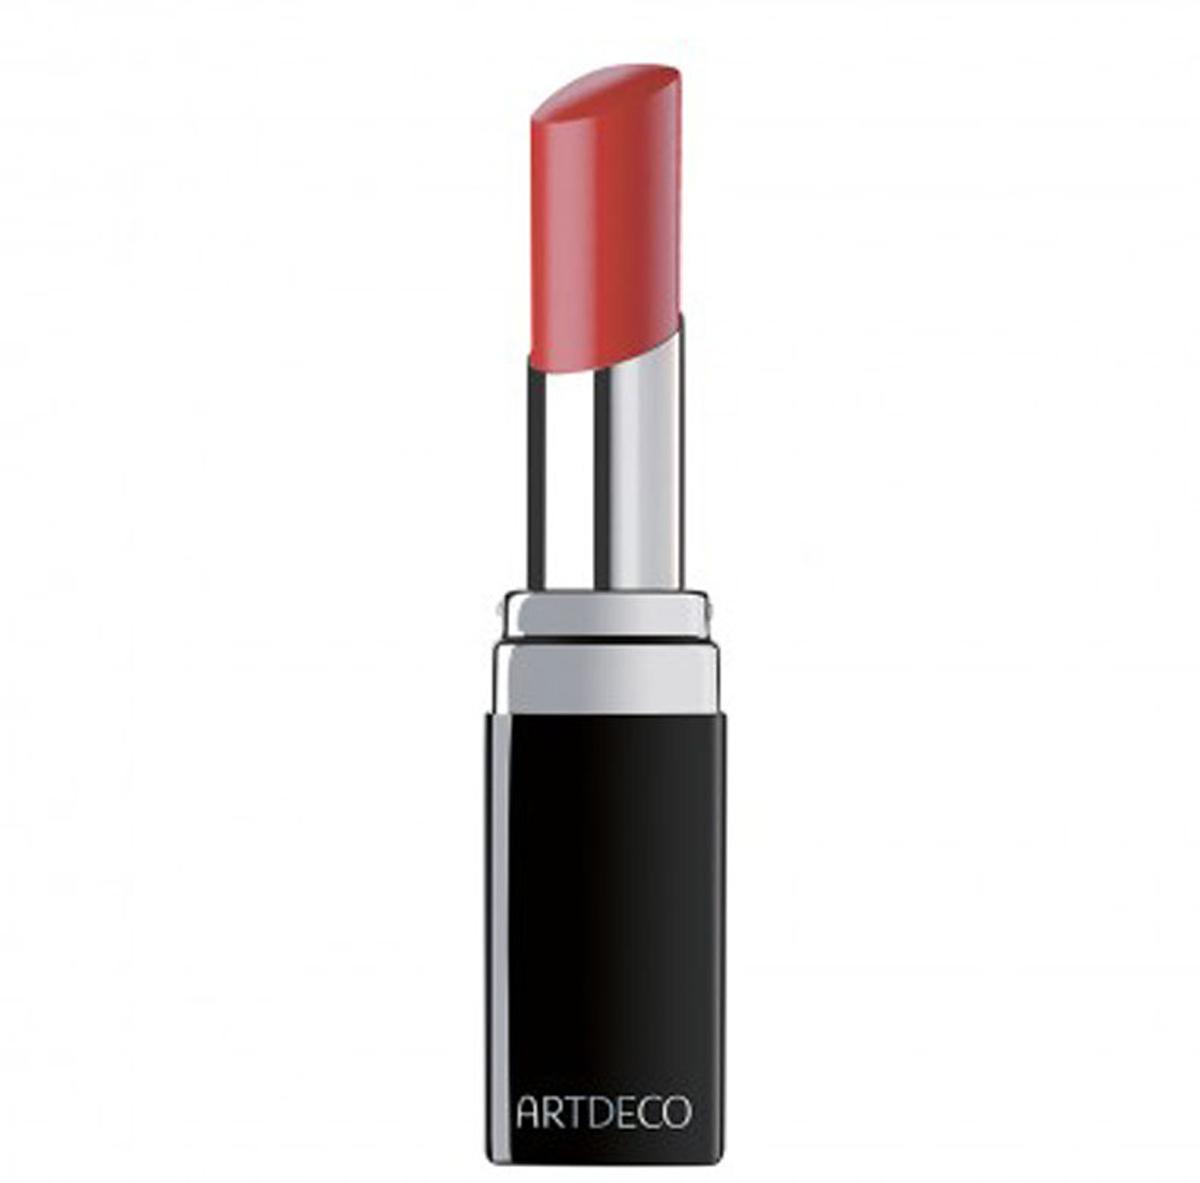 Artdeco Помада для губ Color Lip Shine, тон №18, 2,9 г помада для губ perfect color увлажняющая  тон 23  artdeco